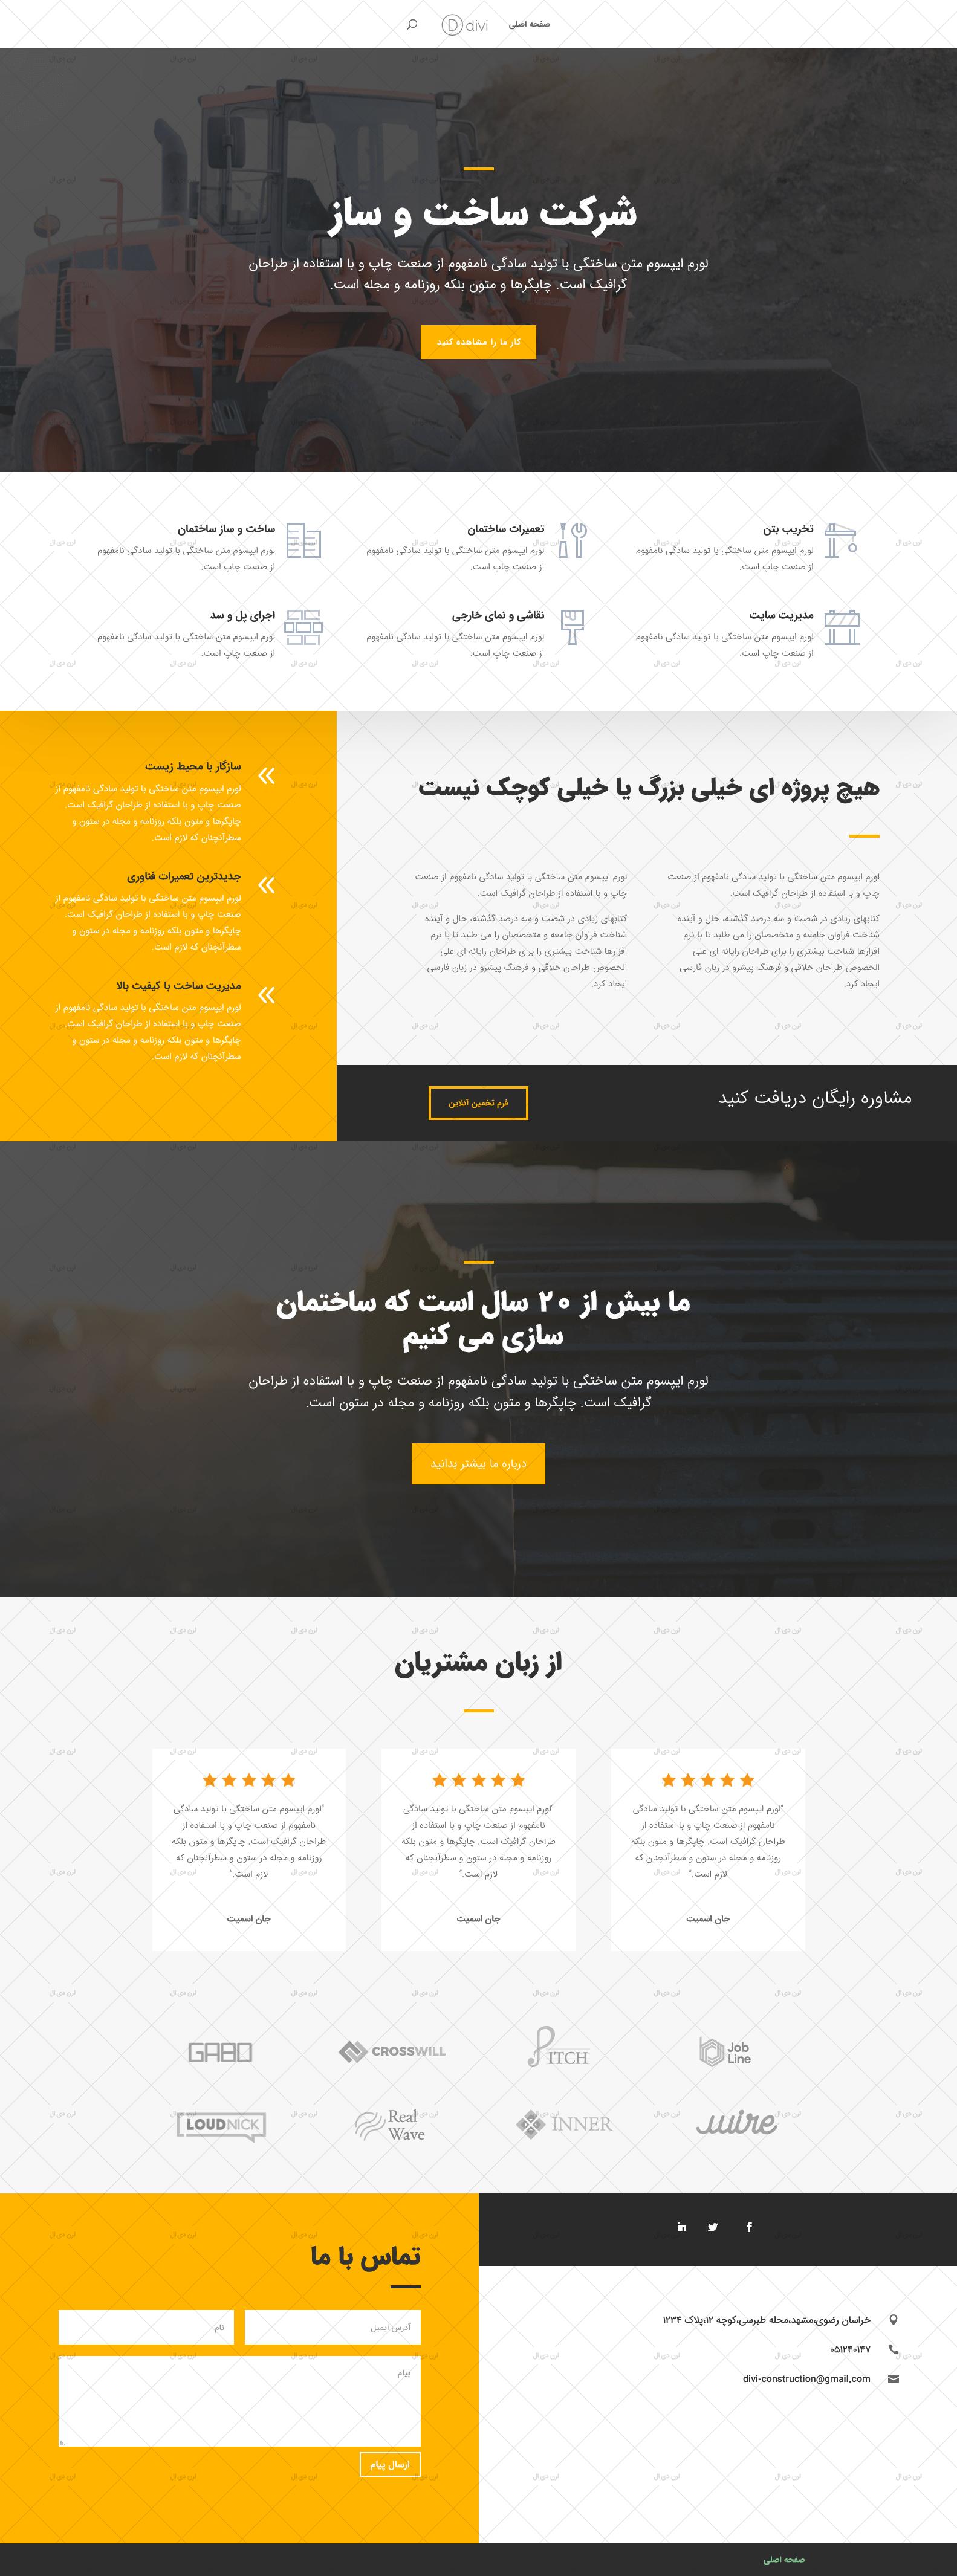 قالب وردپرس برای سایت های ساخت و ساز